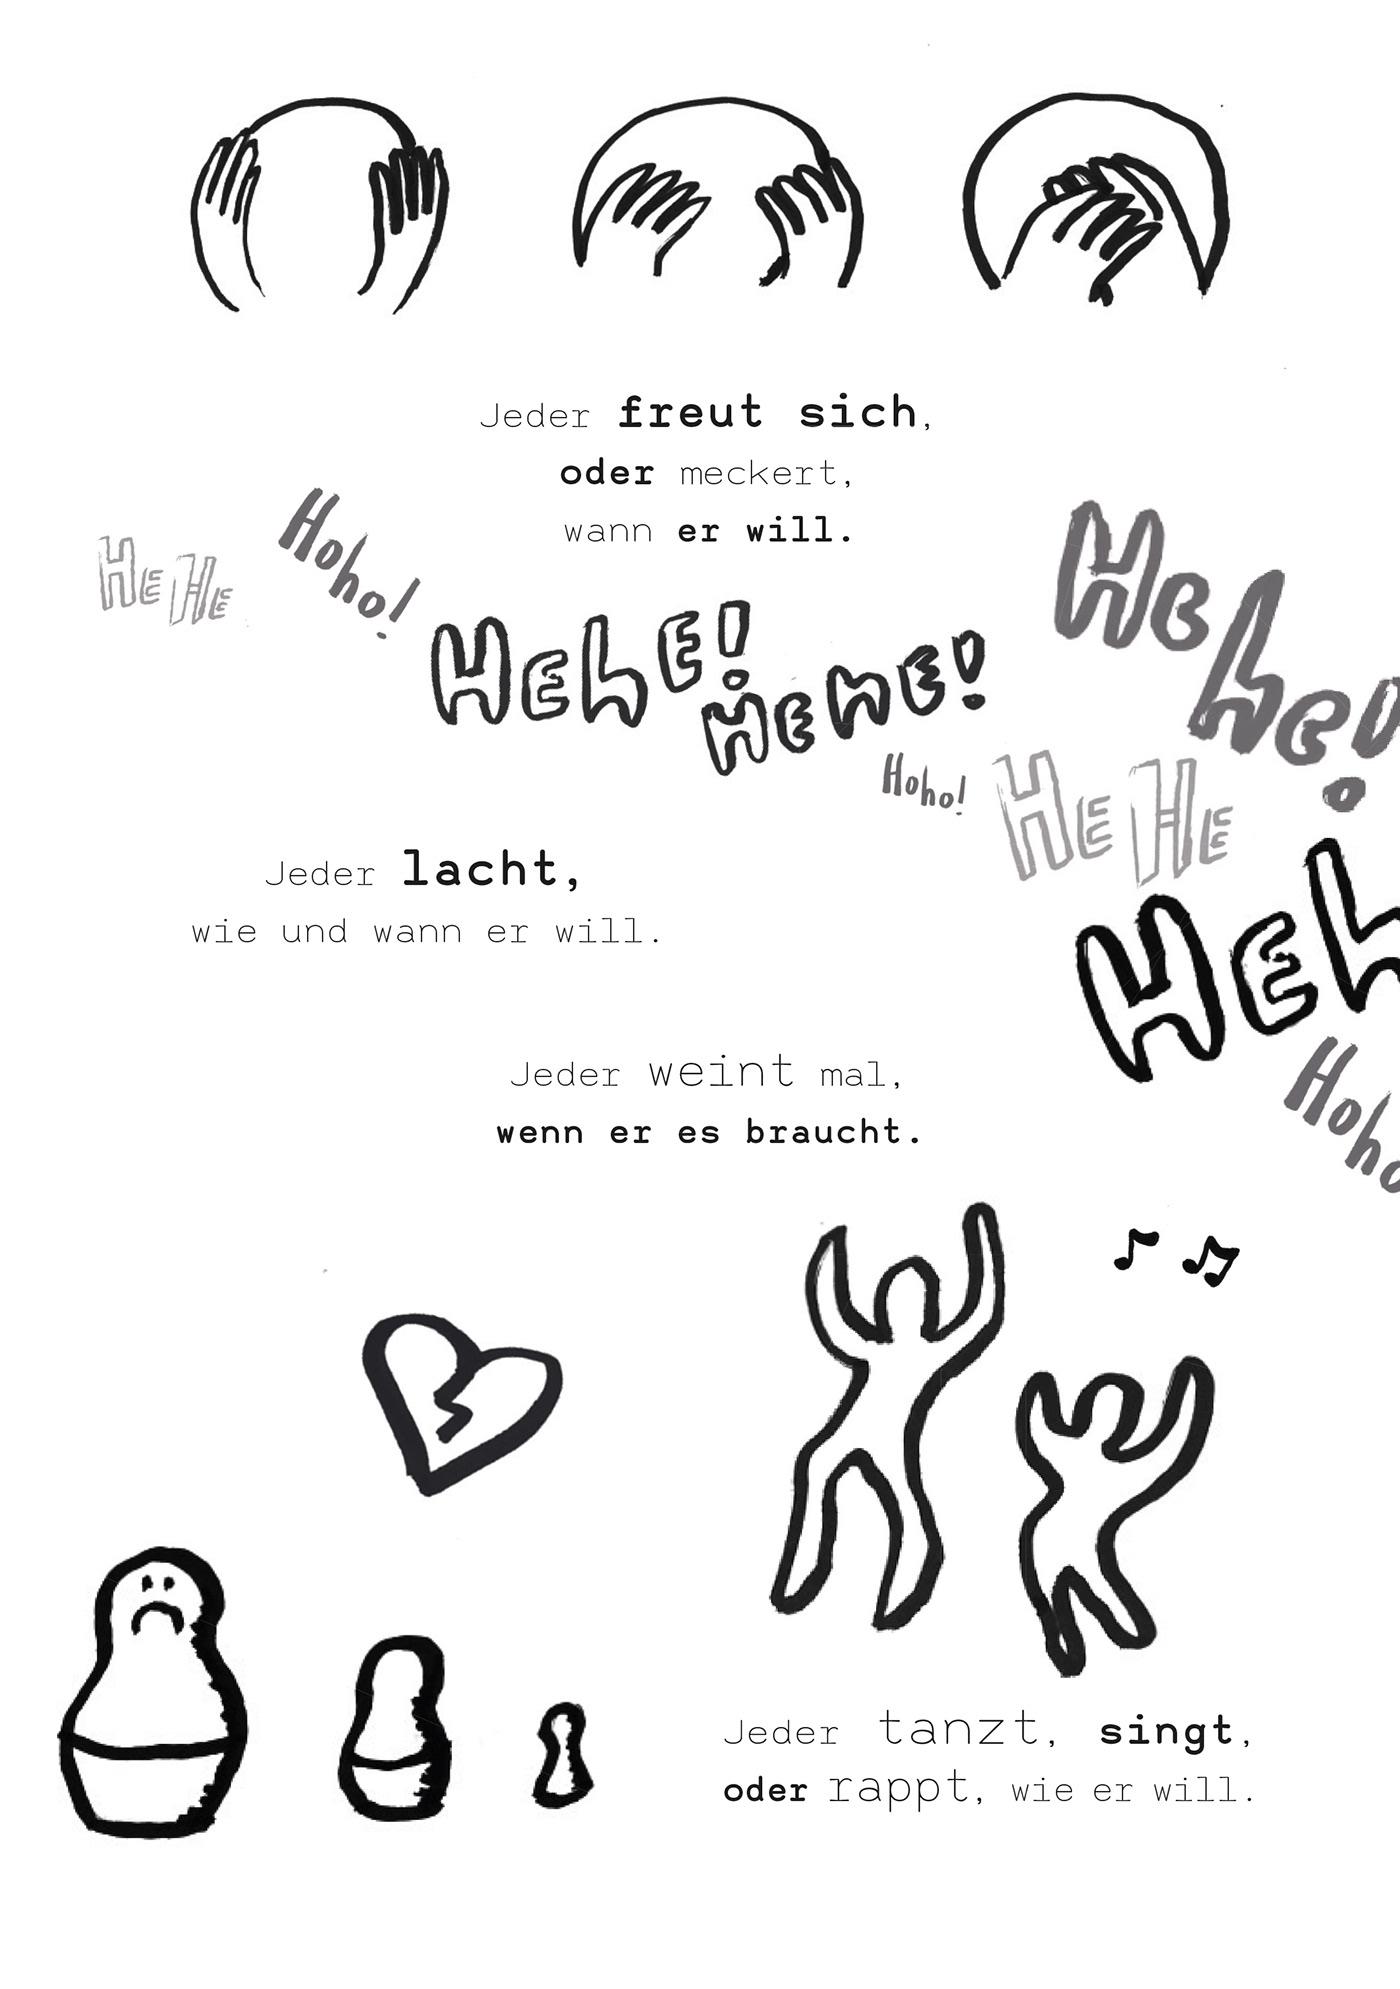 Image may contain: handwriting and cartoon